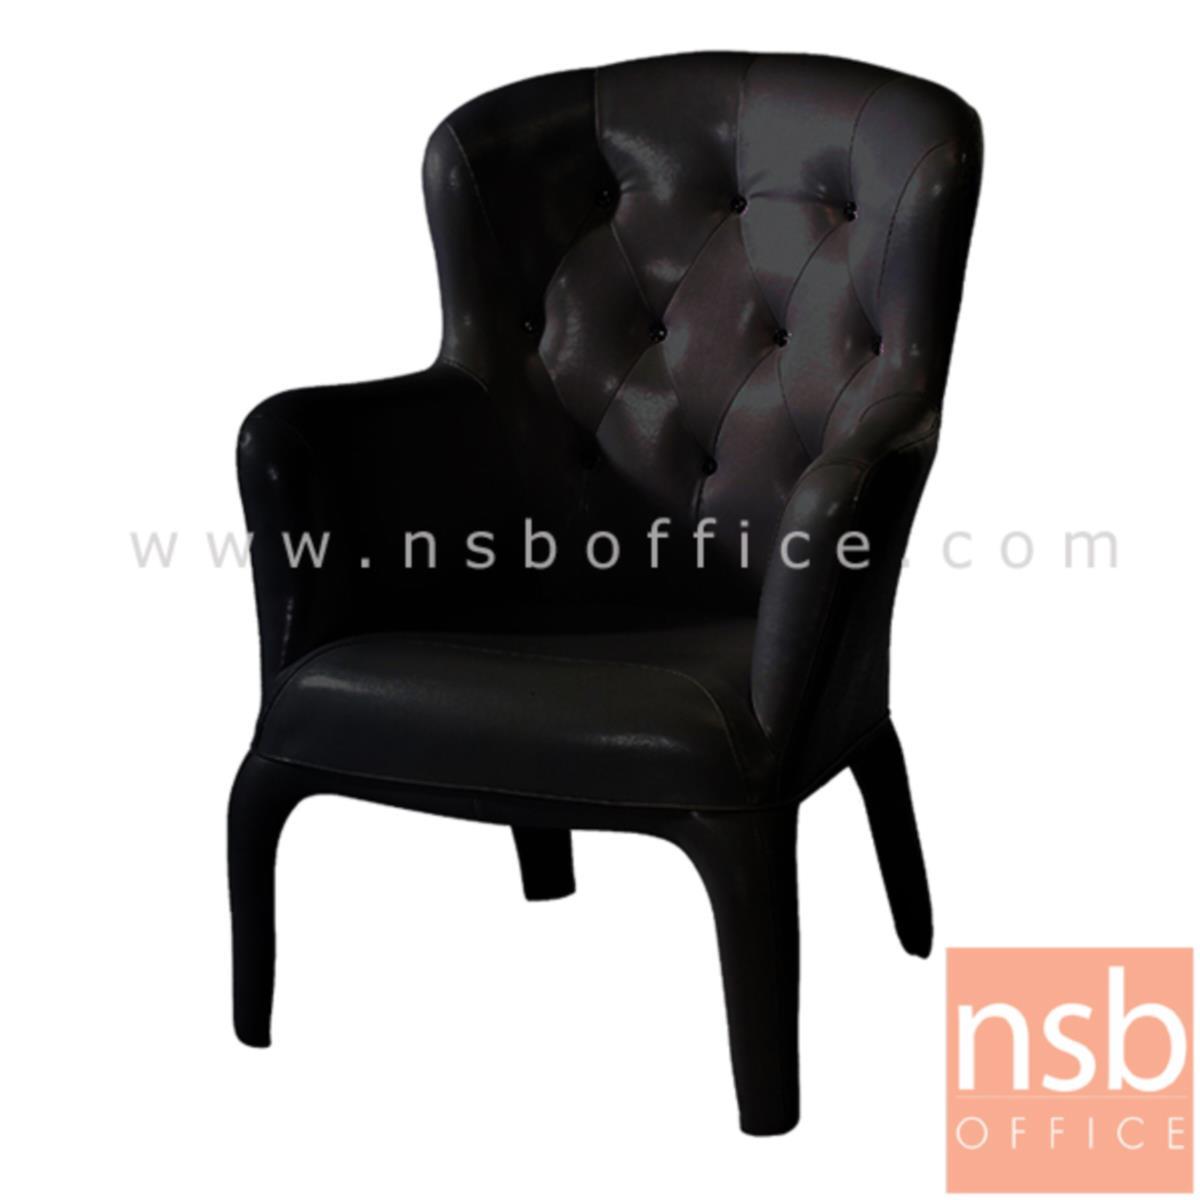 B29A043:เก้าอี้ตัวเดี่ยวหนัง PU  รุ่น PP92054 ขนาด 74W cm.